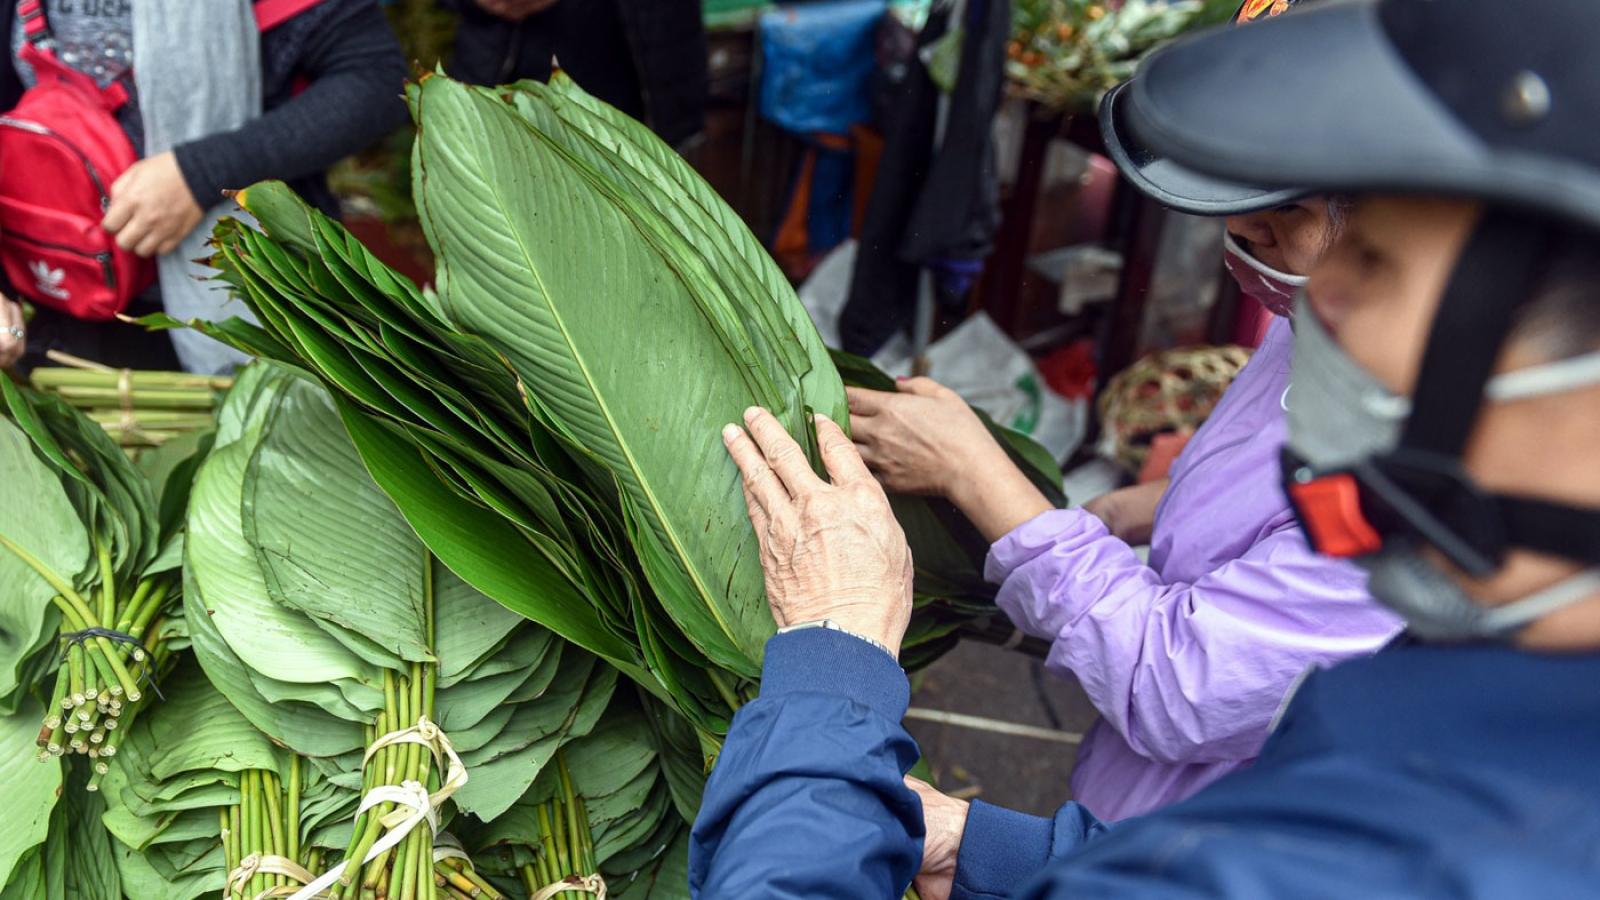 Độc đáo khu chợ ở Hà Nội chỉ mở 1 lần trong năm